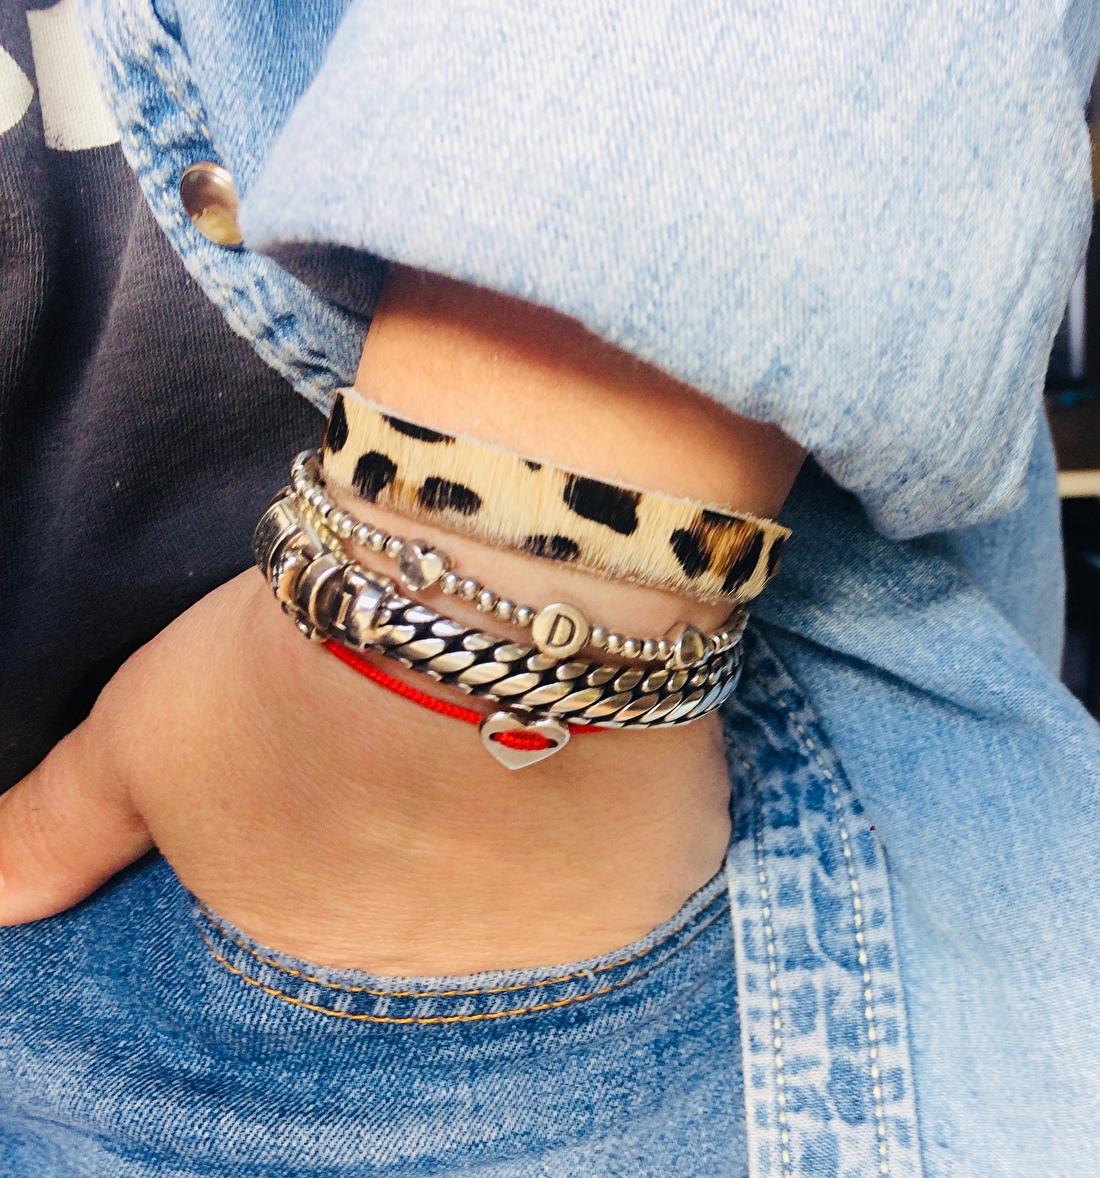 combineer je eigen set armbanden